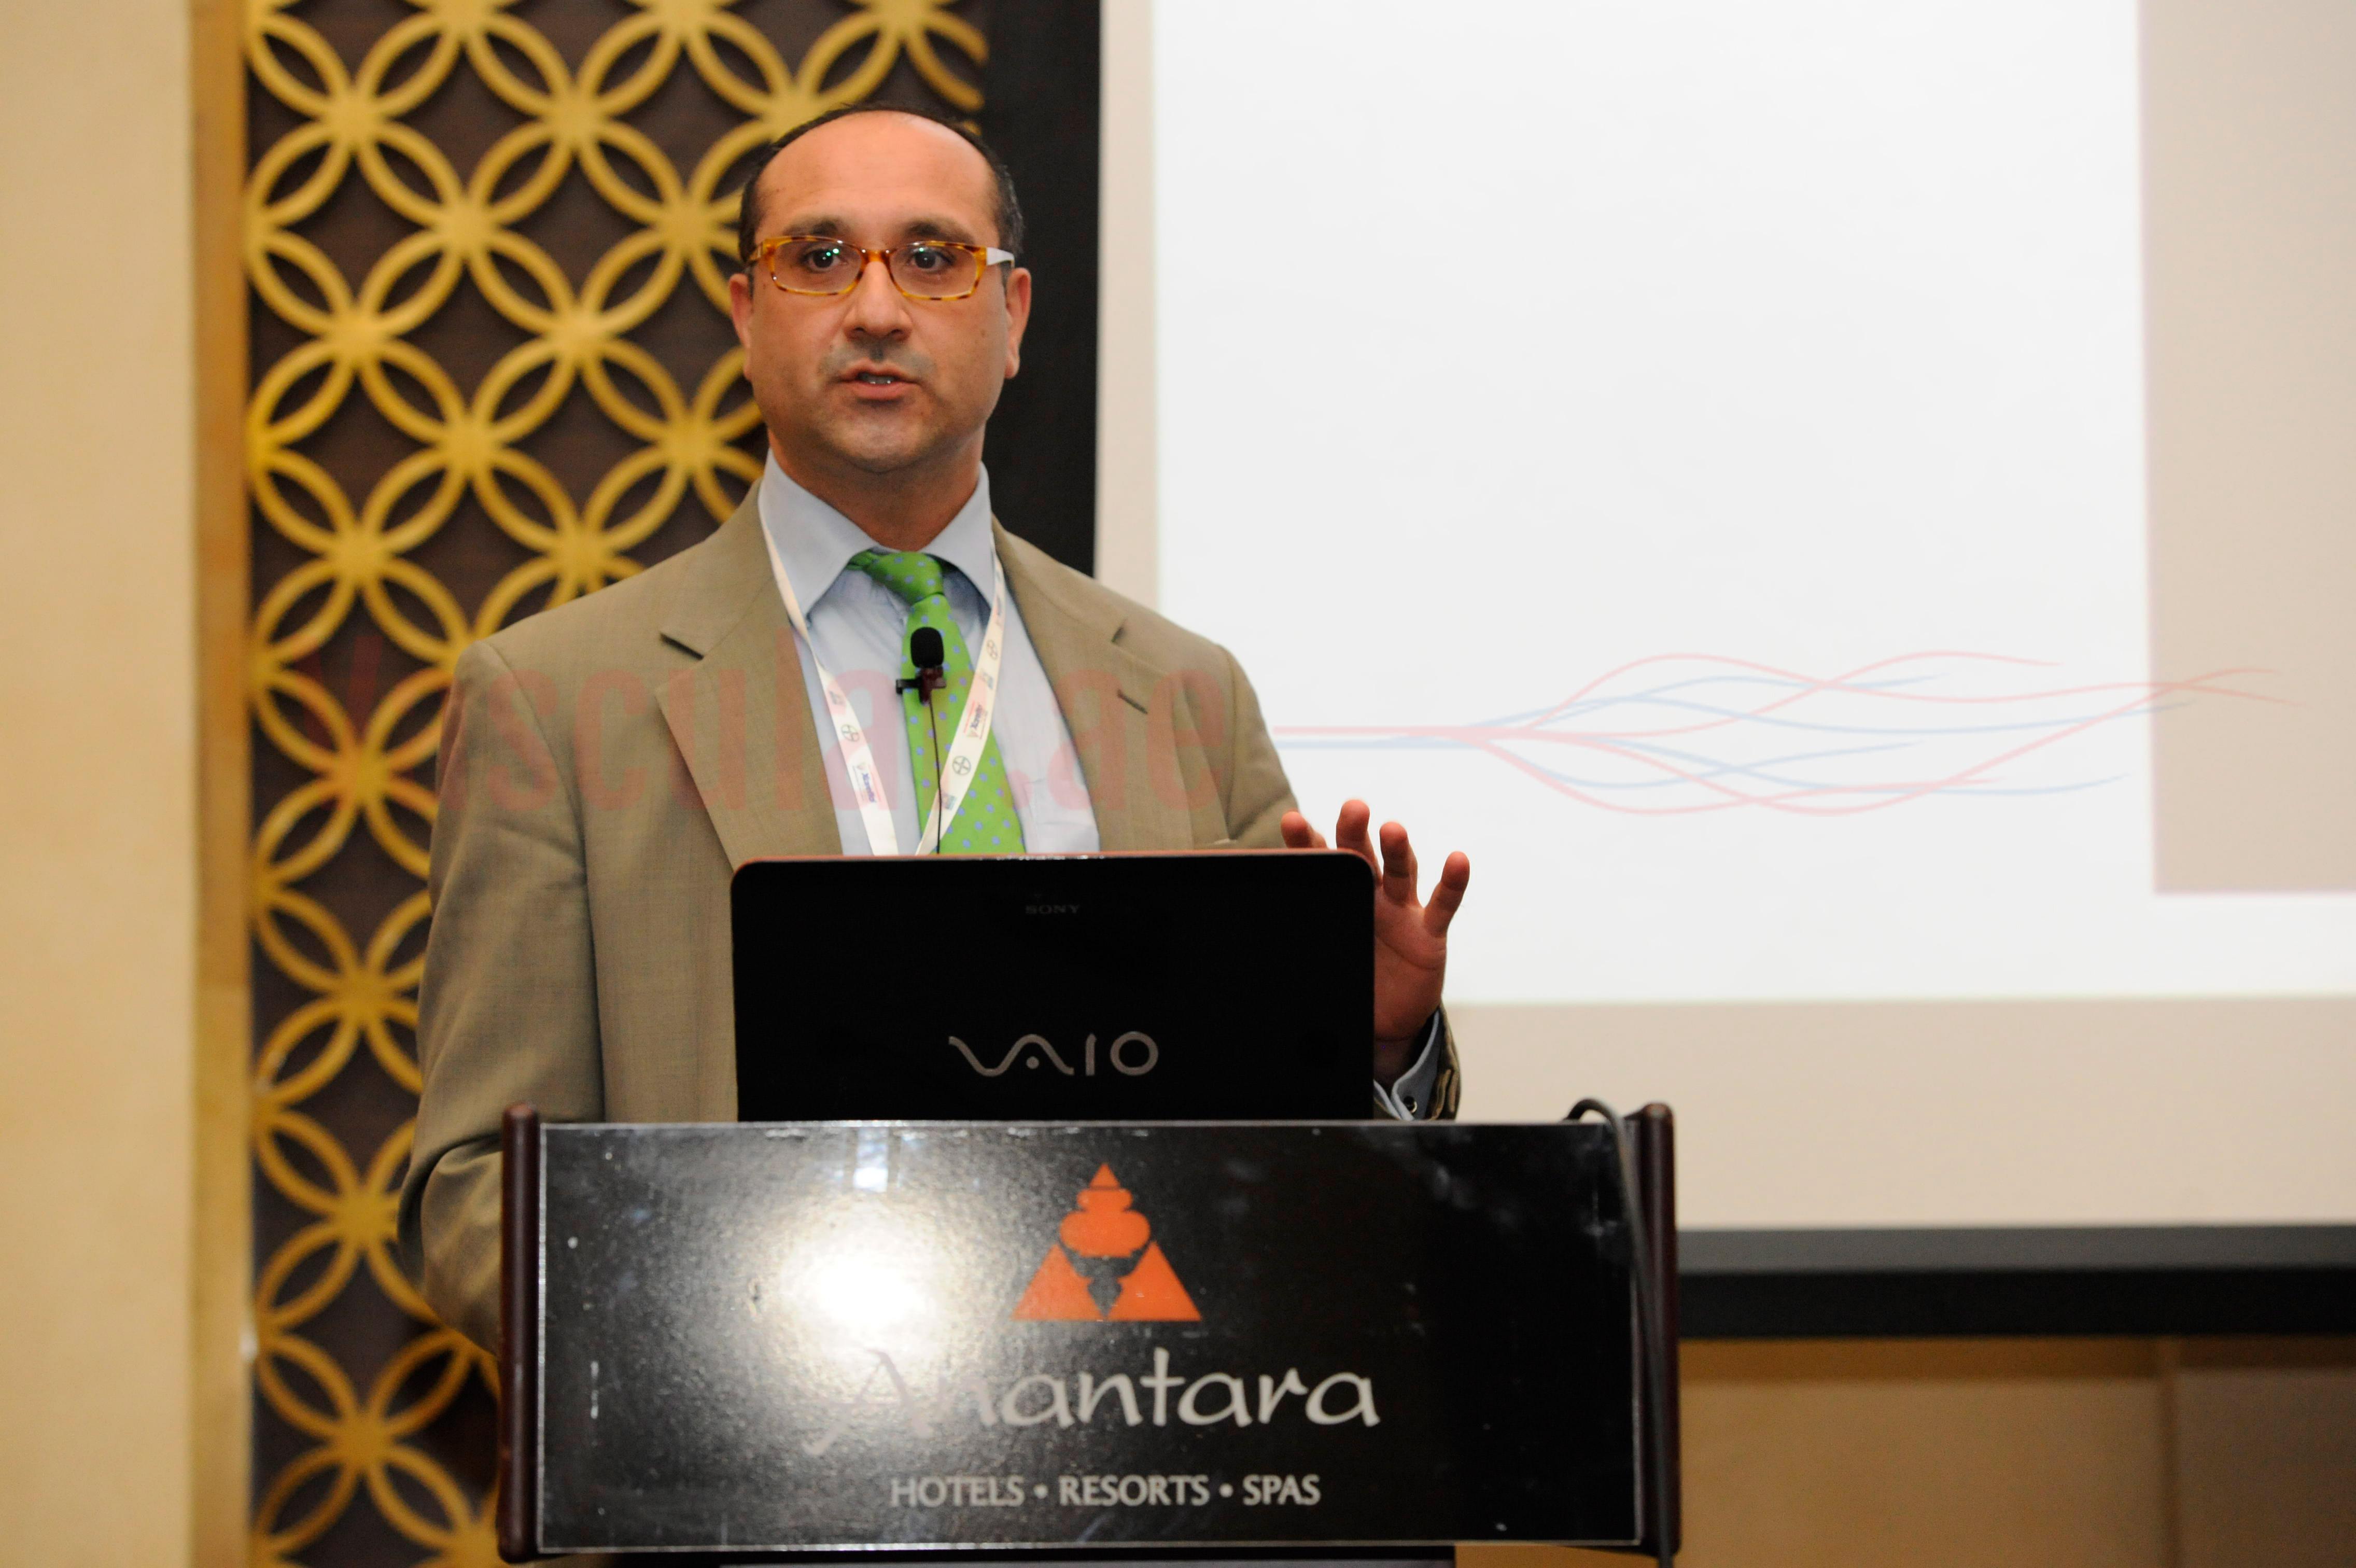 الجمعية العربية الثانية عشر لزراعة الكلى /  المحاضرة السادسة في أمراض الكلى